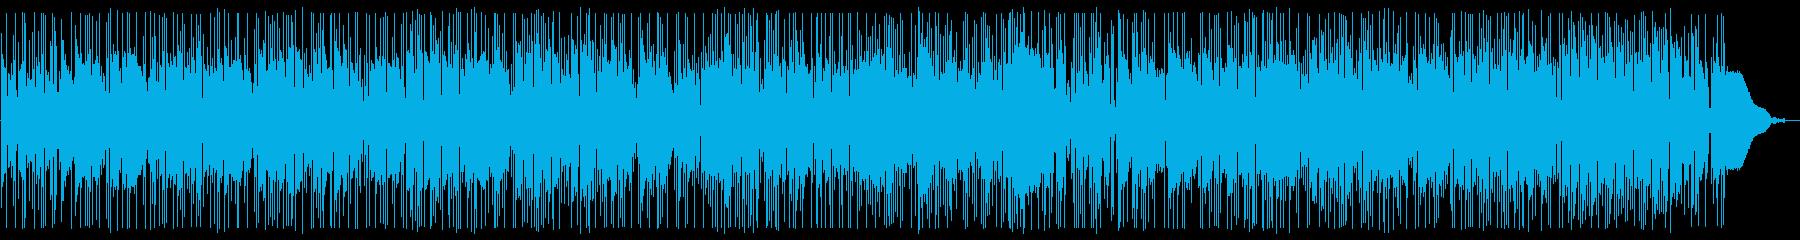 ギターデュオのヒーリングポップスの再生済みの波形